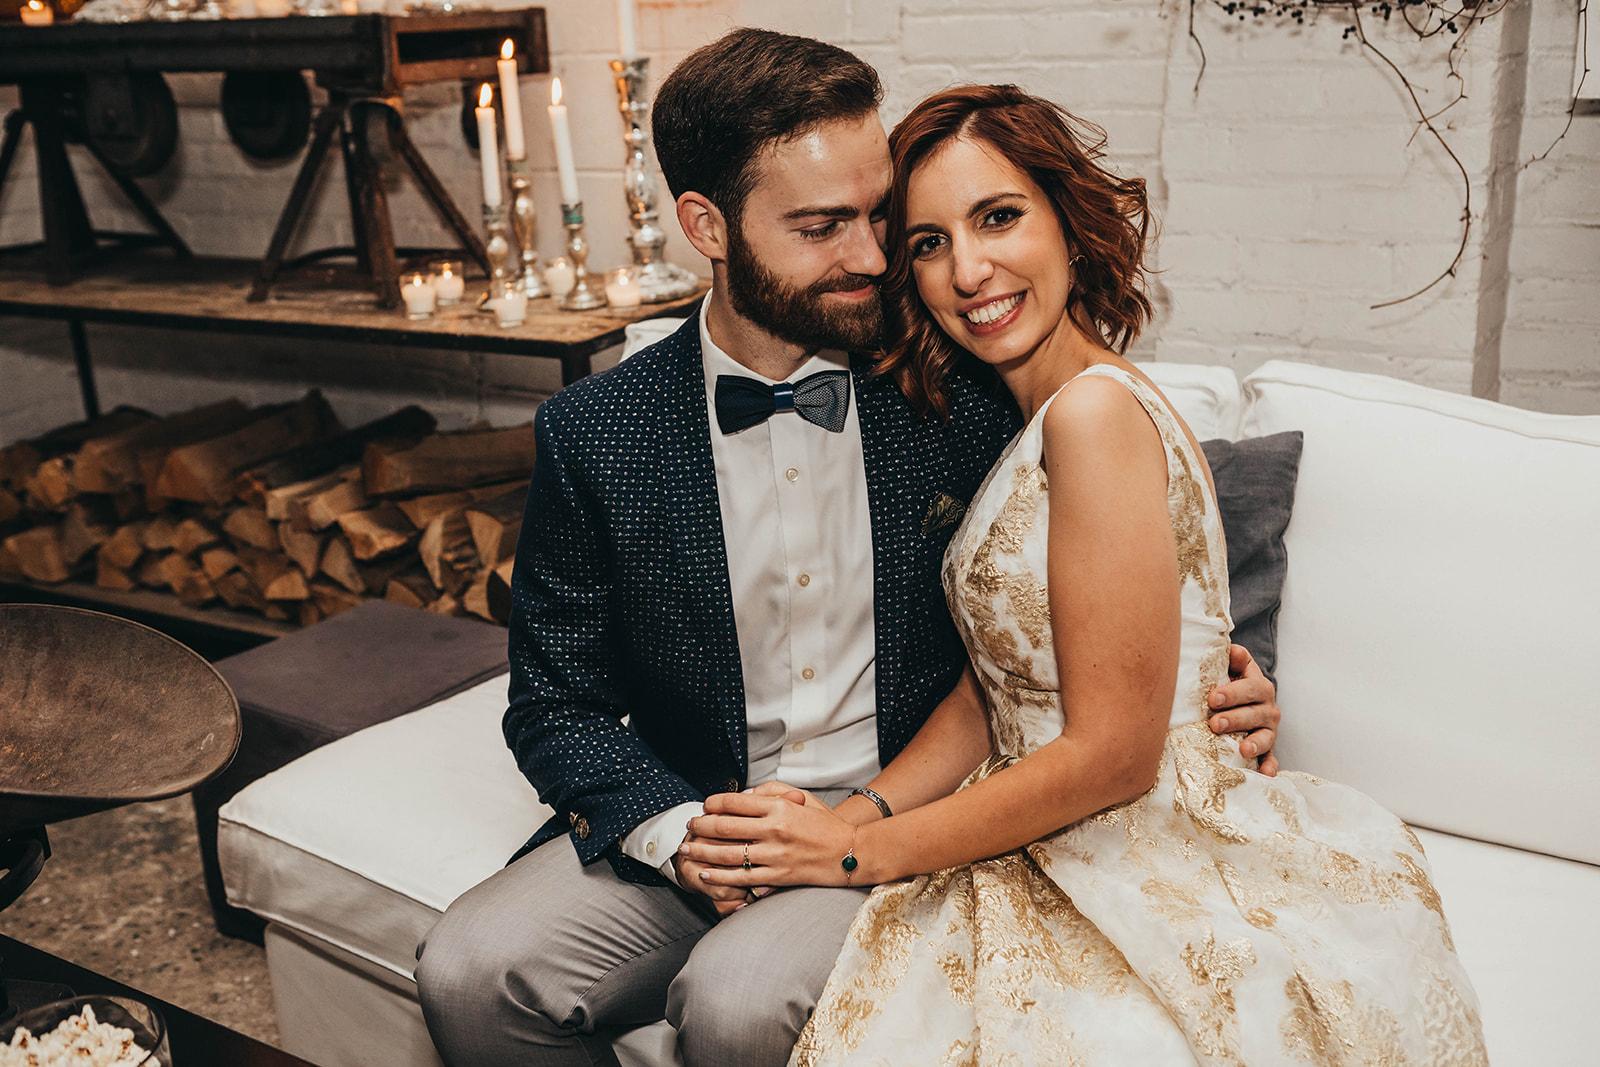 gold and white rehearsal dinner dress ideas ny wedding dress designer-32.jpg